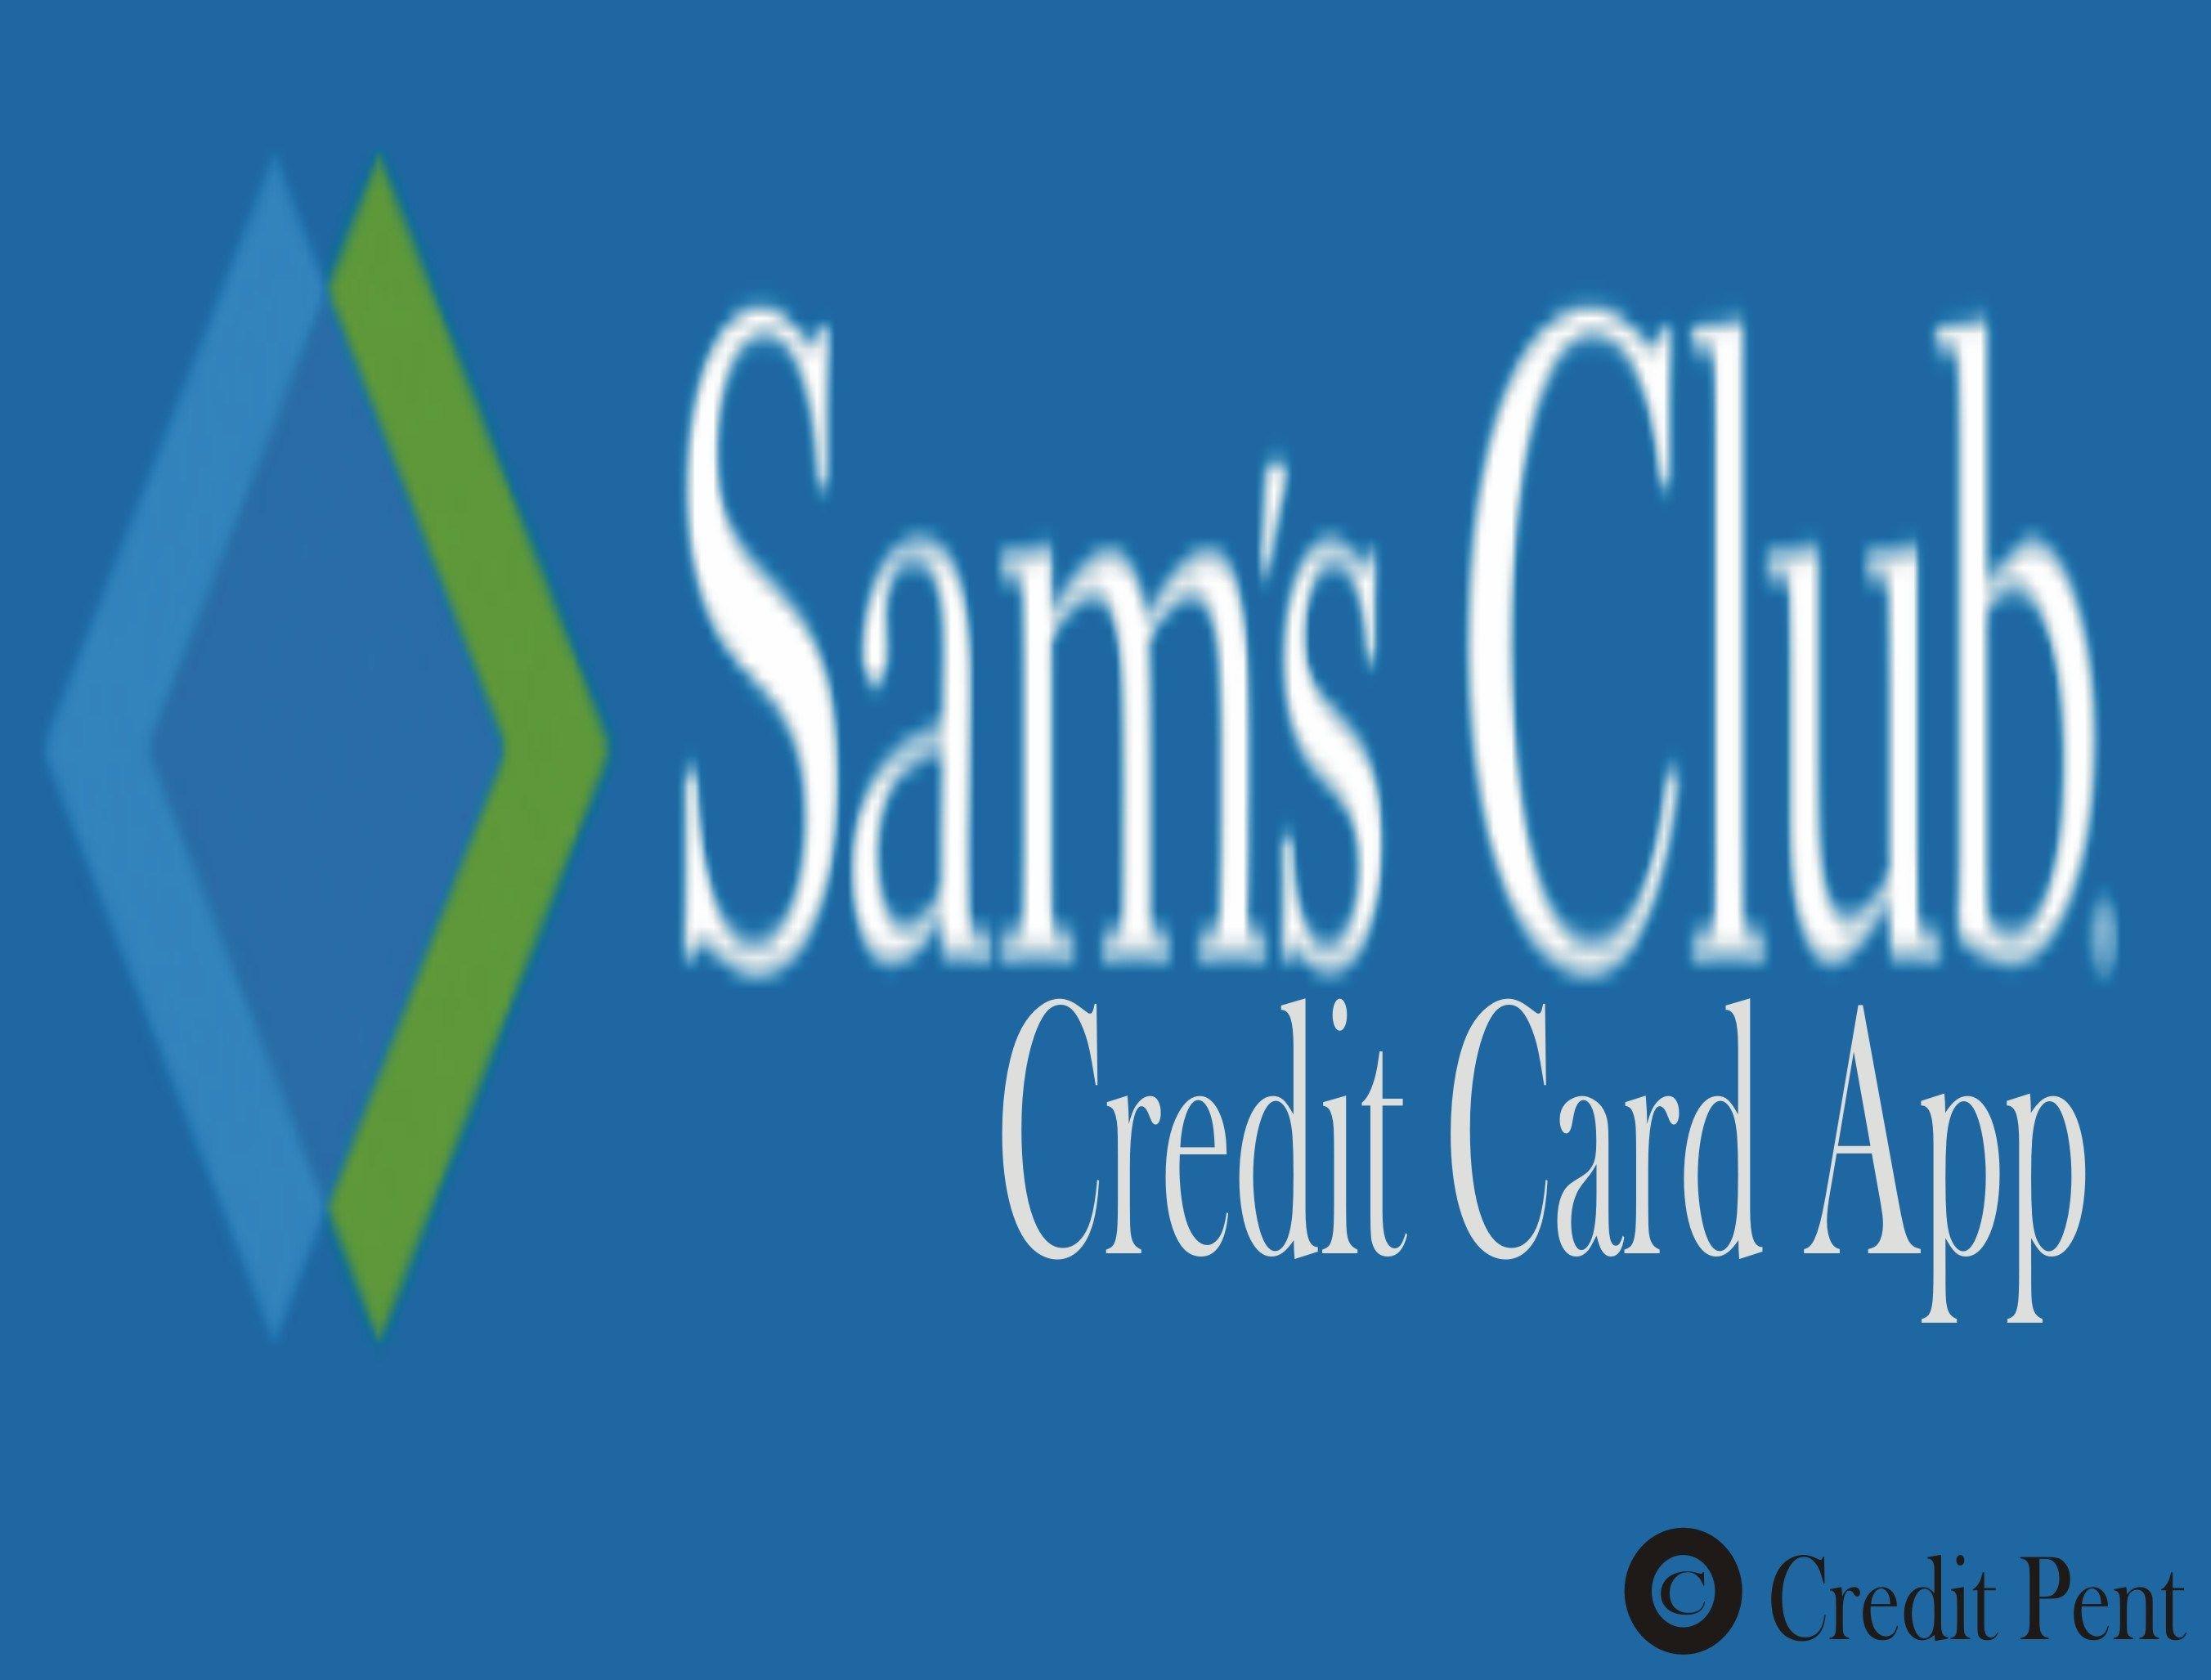 Samsclub Credit Login >> Sam S Club Credit Card App Login App For Credit Card Preferences